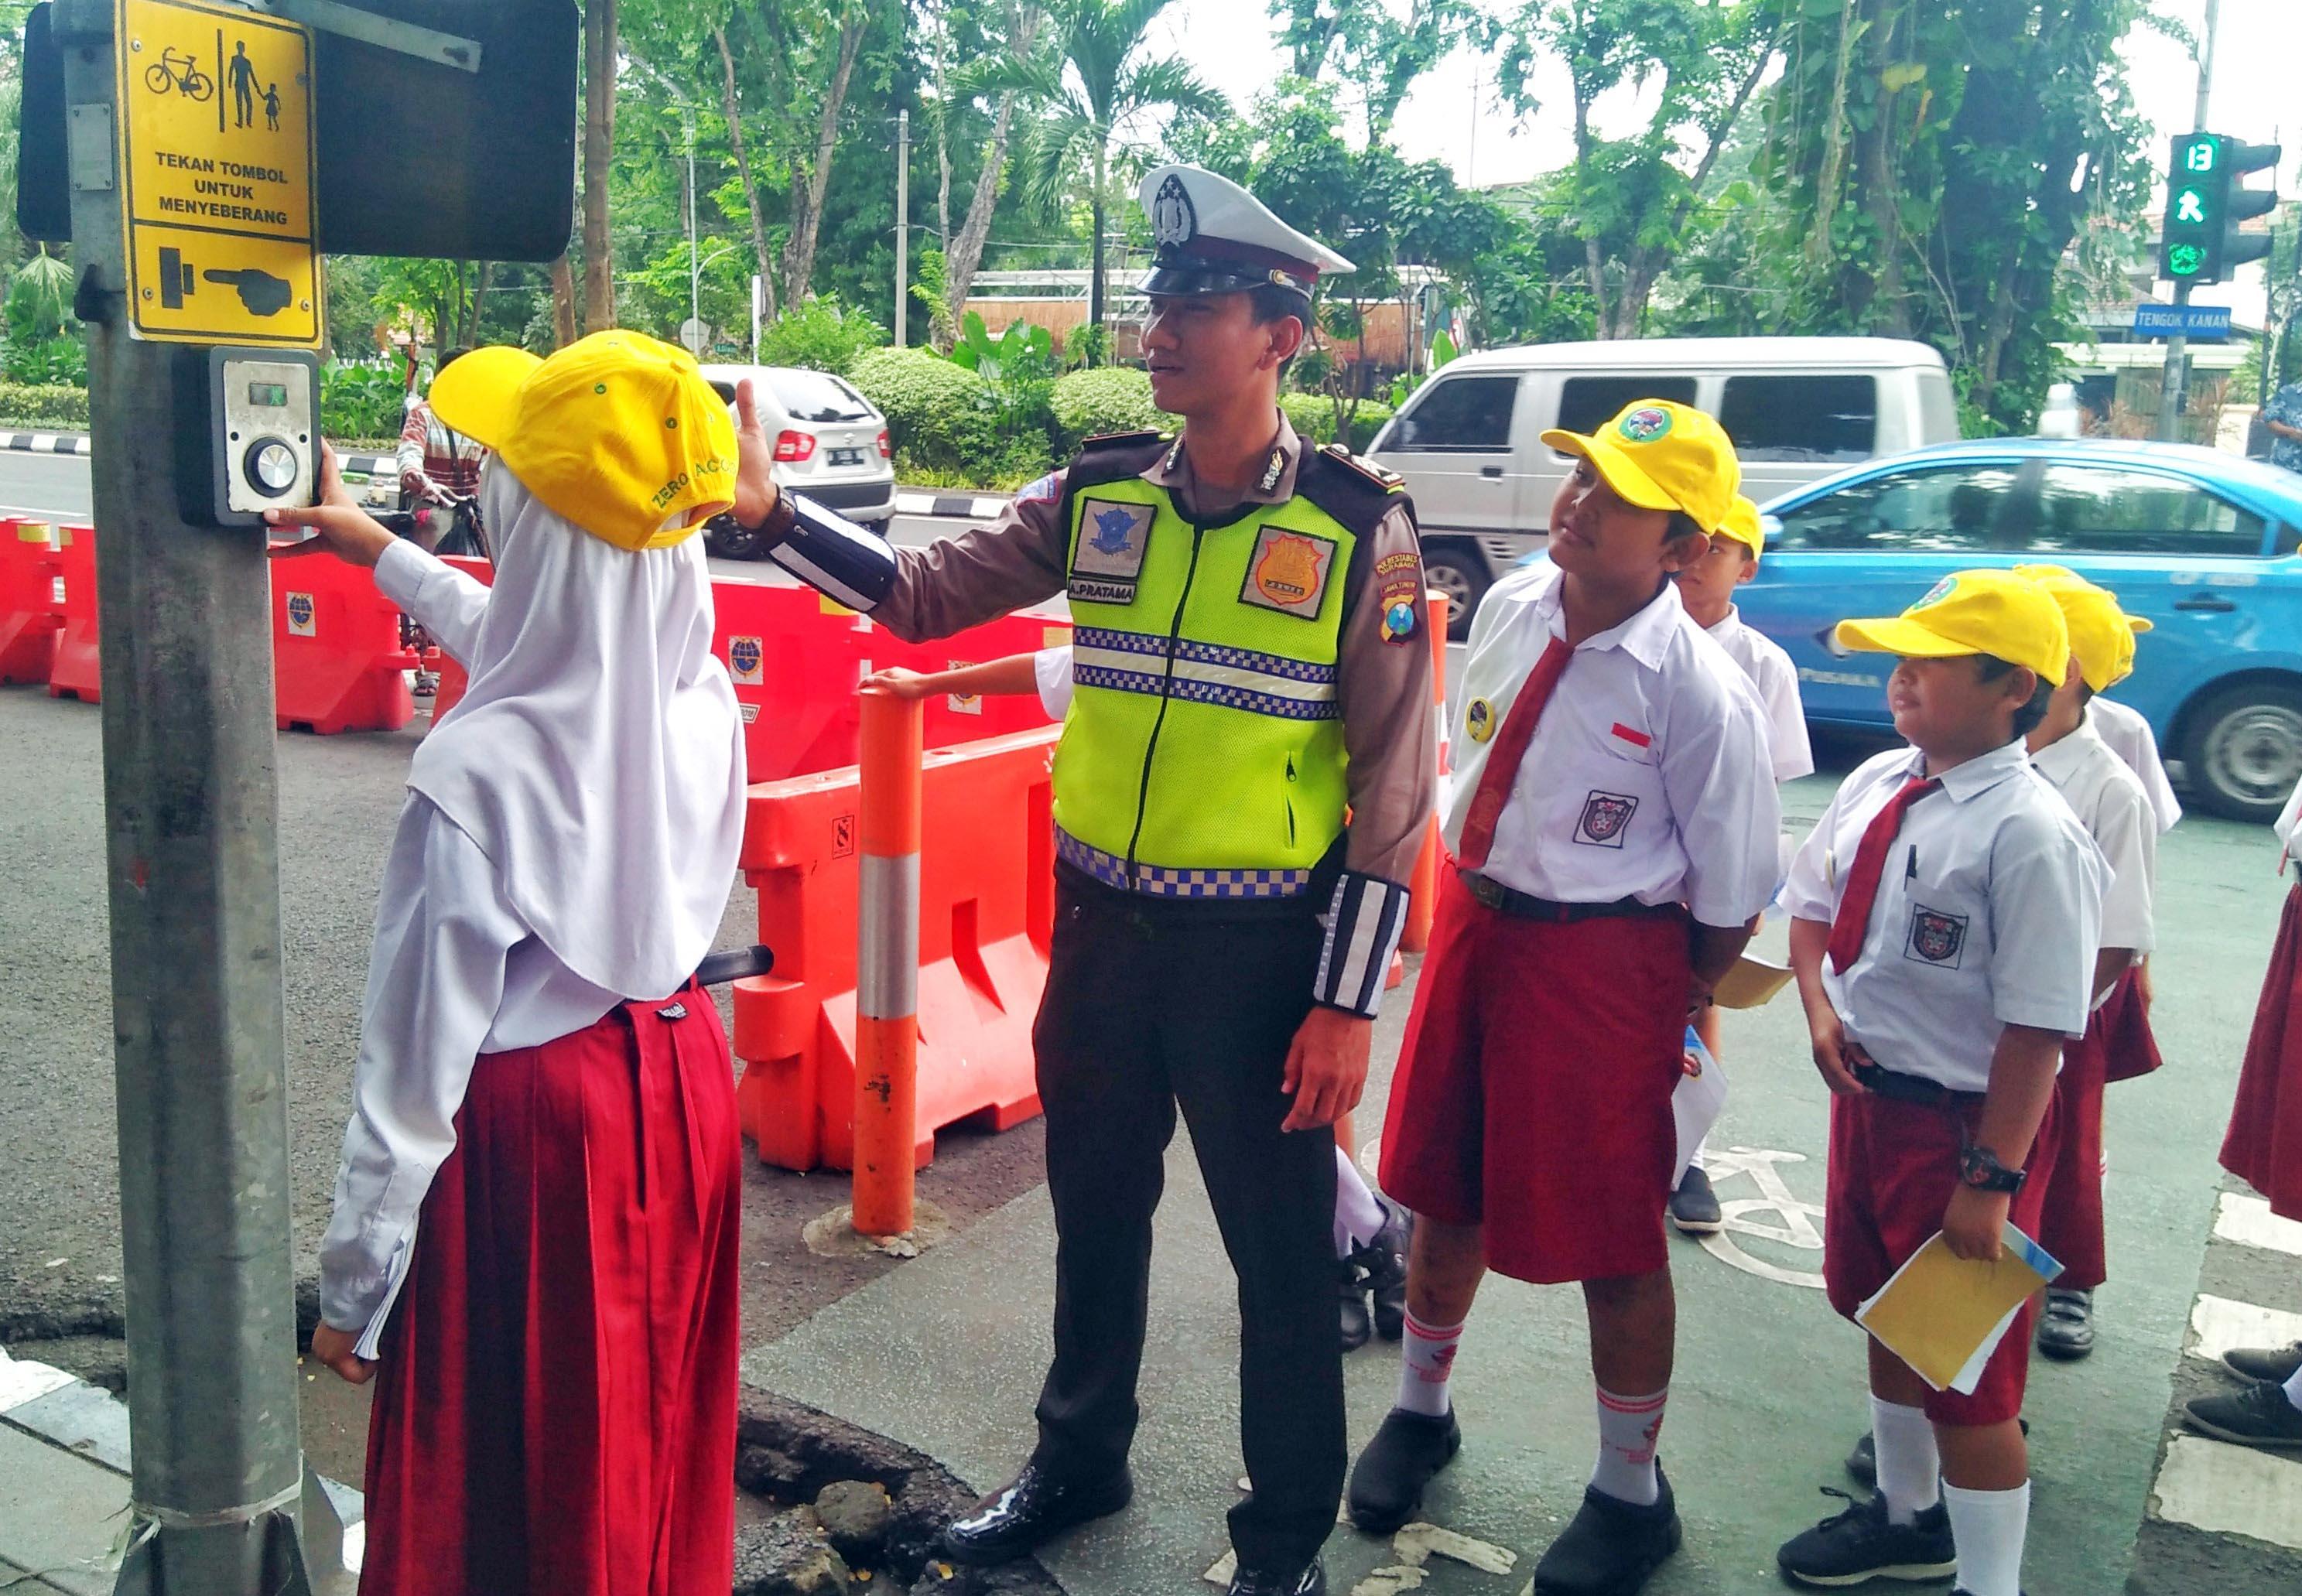 Asiknya Keliling Kota Surabaya Sambil Belajar Tertib Lalu Lintas